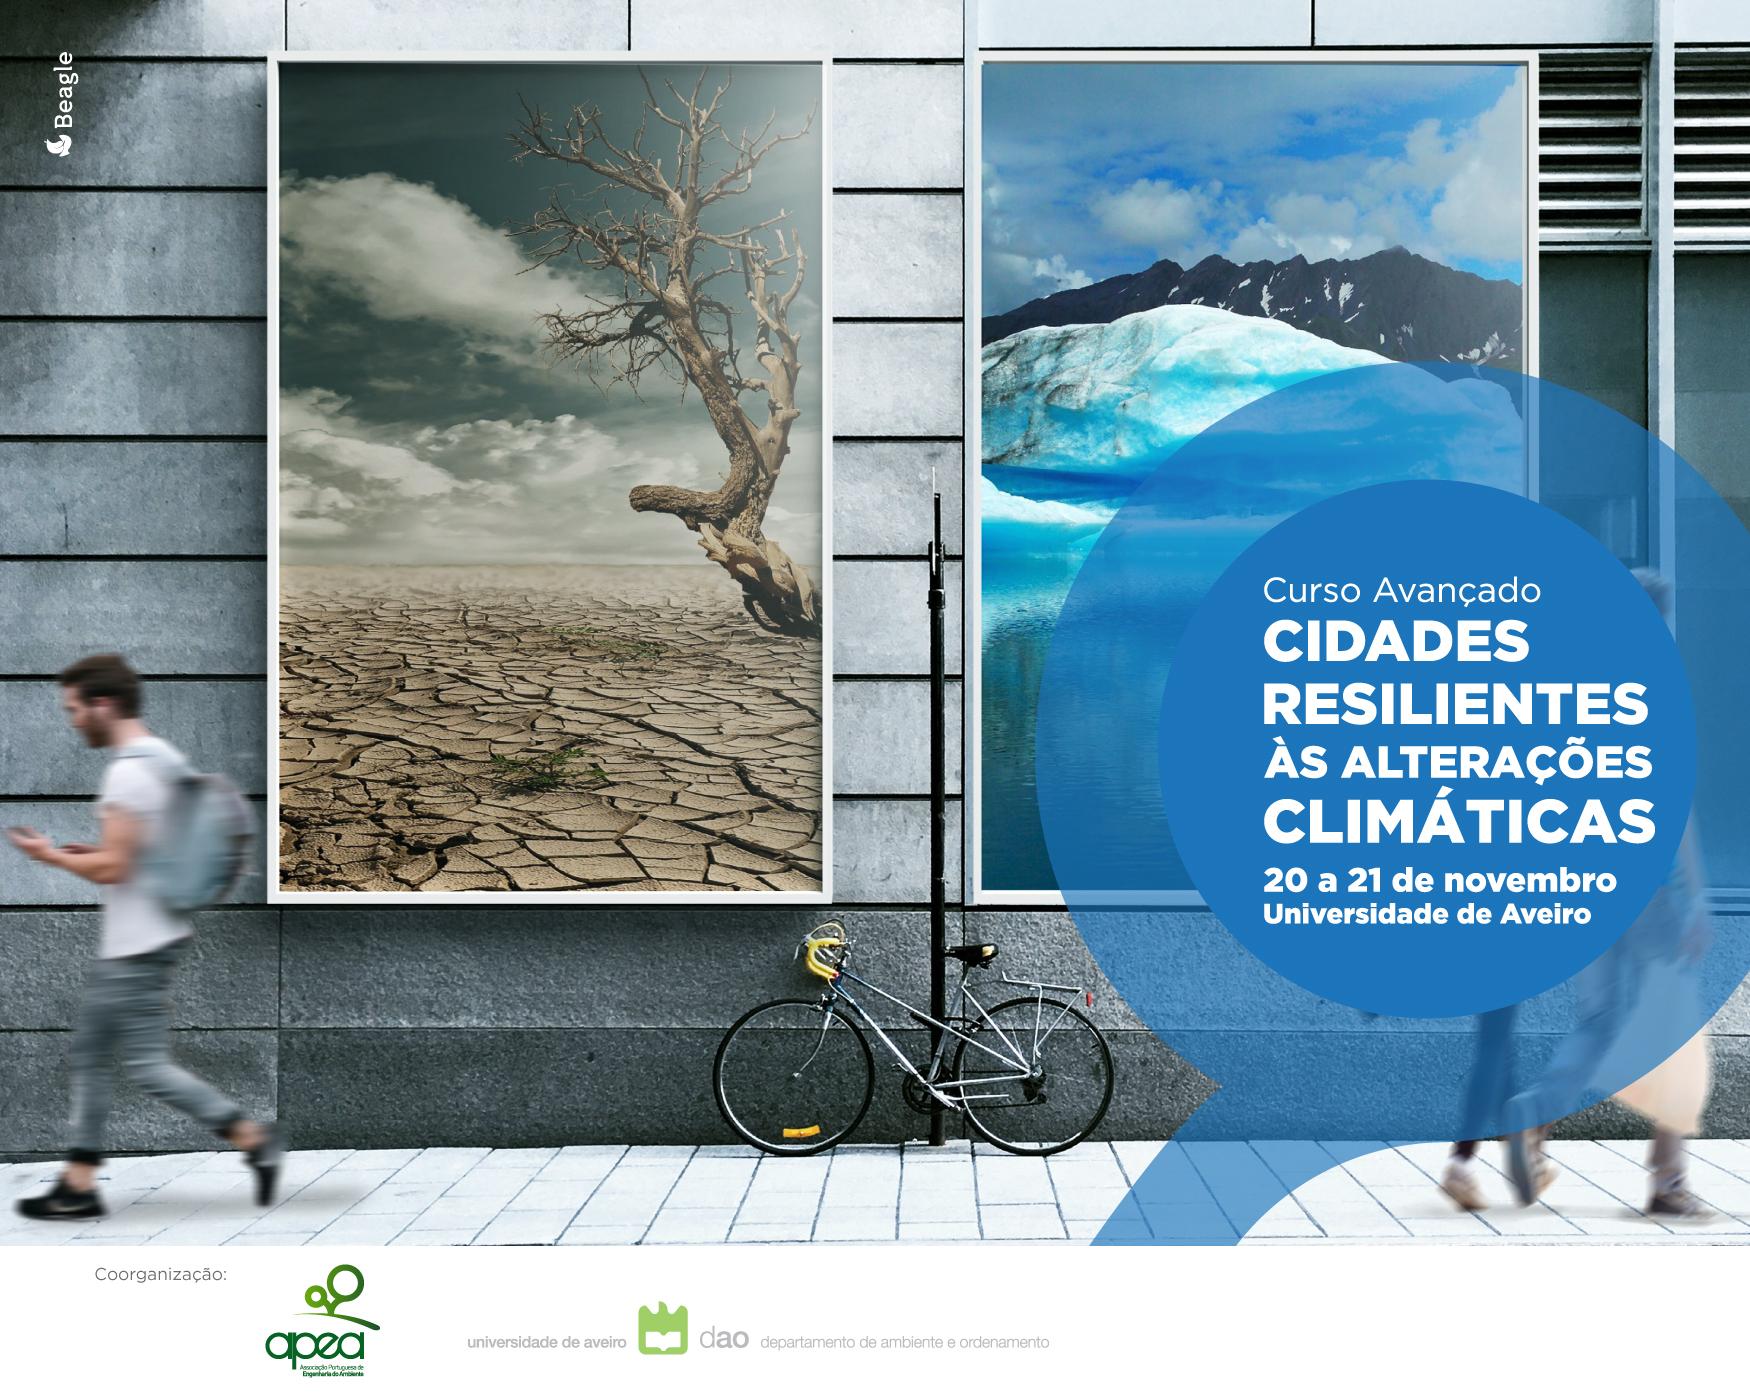 Curso Avançado Cidades Resilientes às Alterações Climáticas